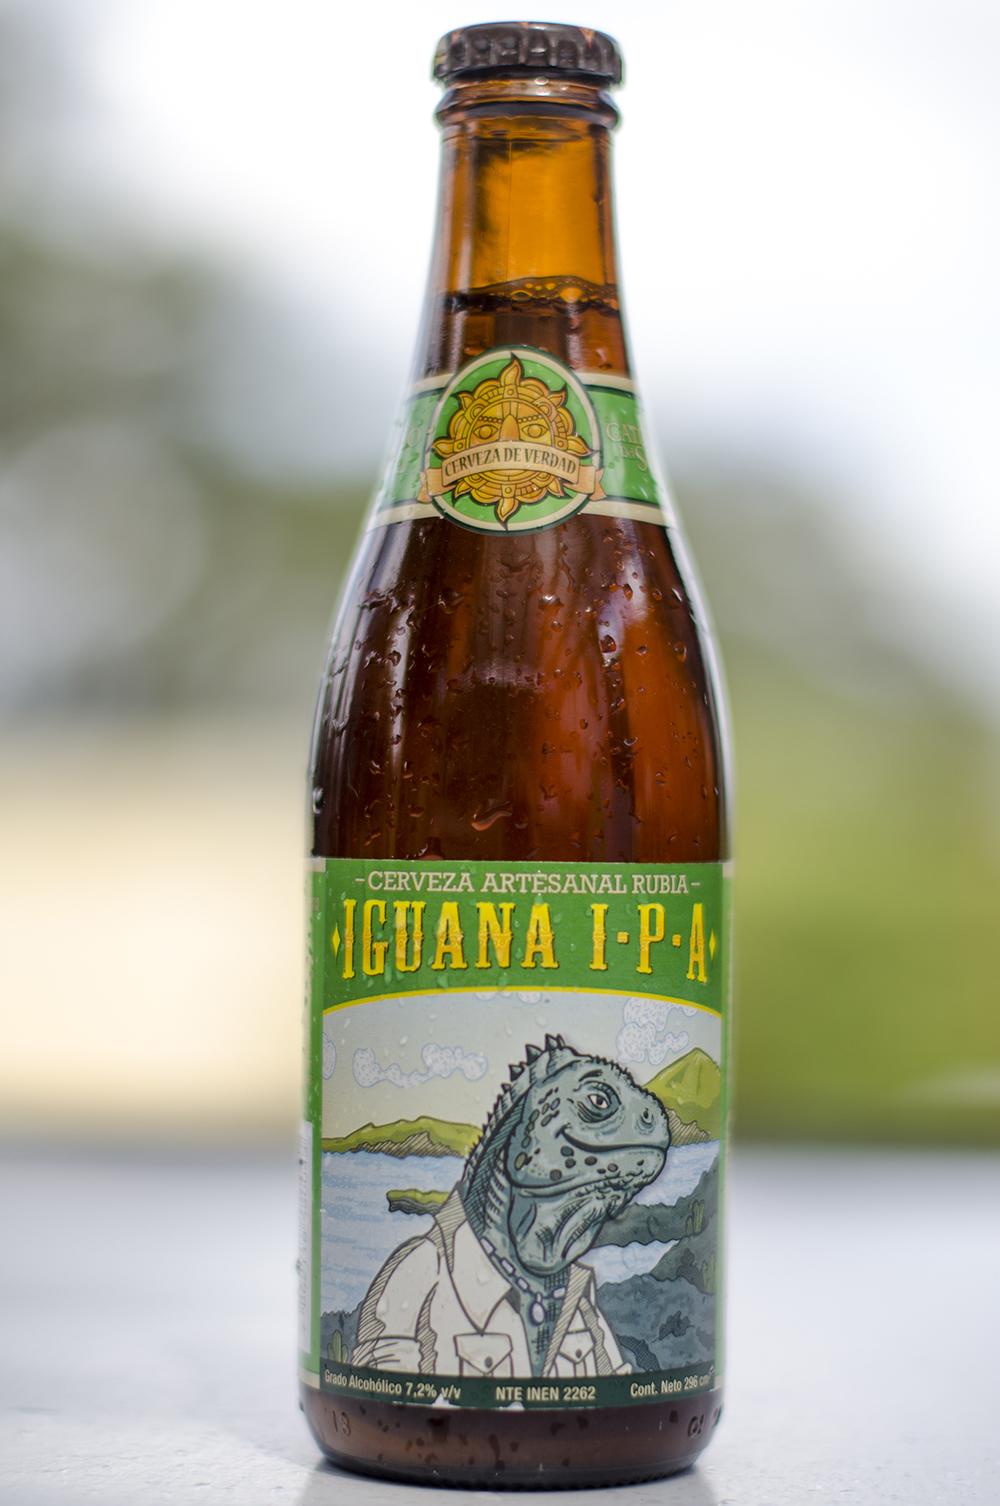 Camino del Sol  - Iguana IPA  IPA  7,2%